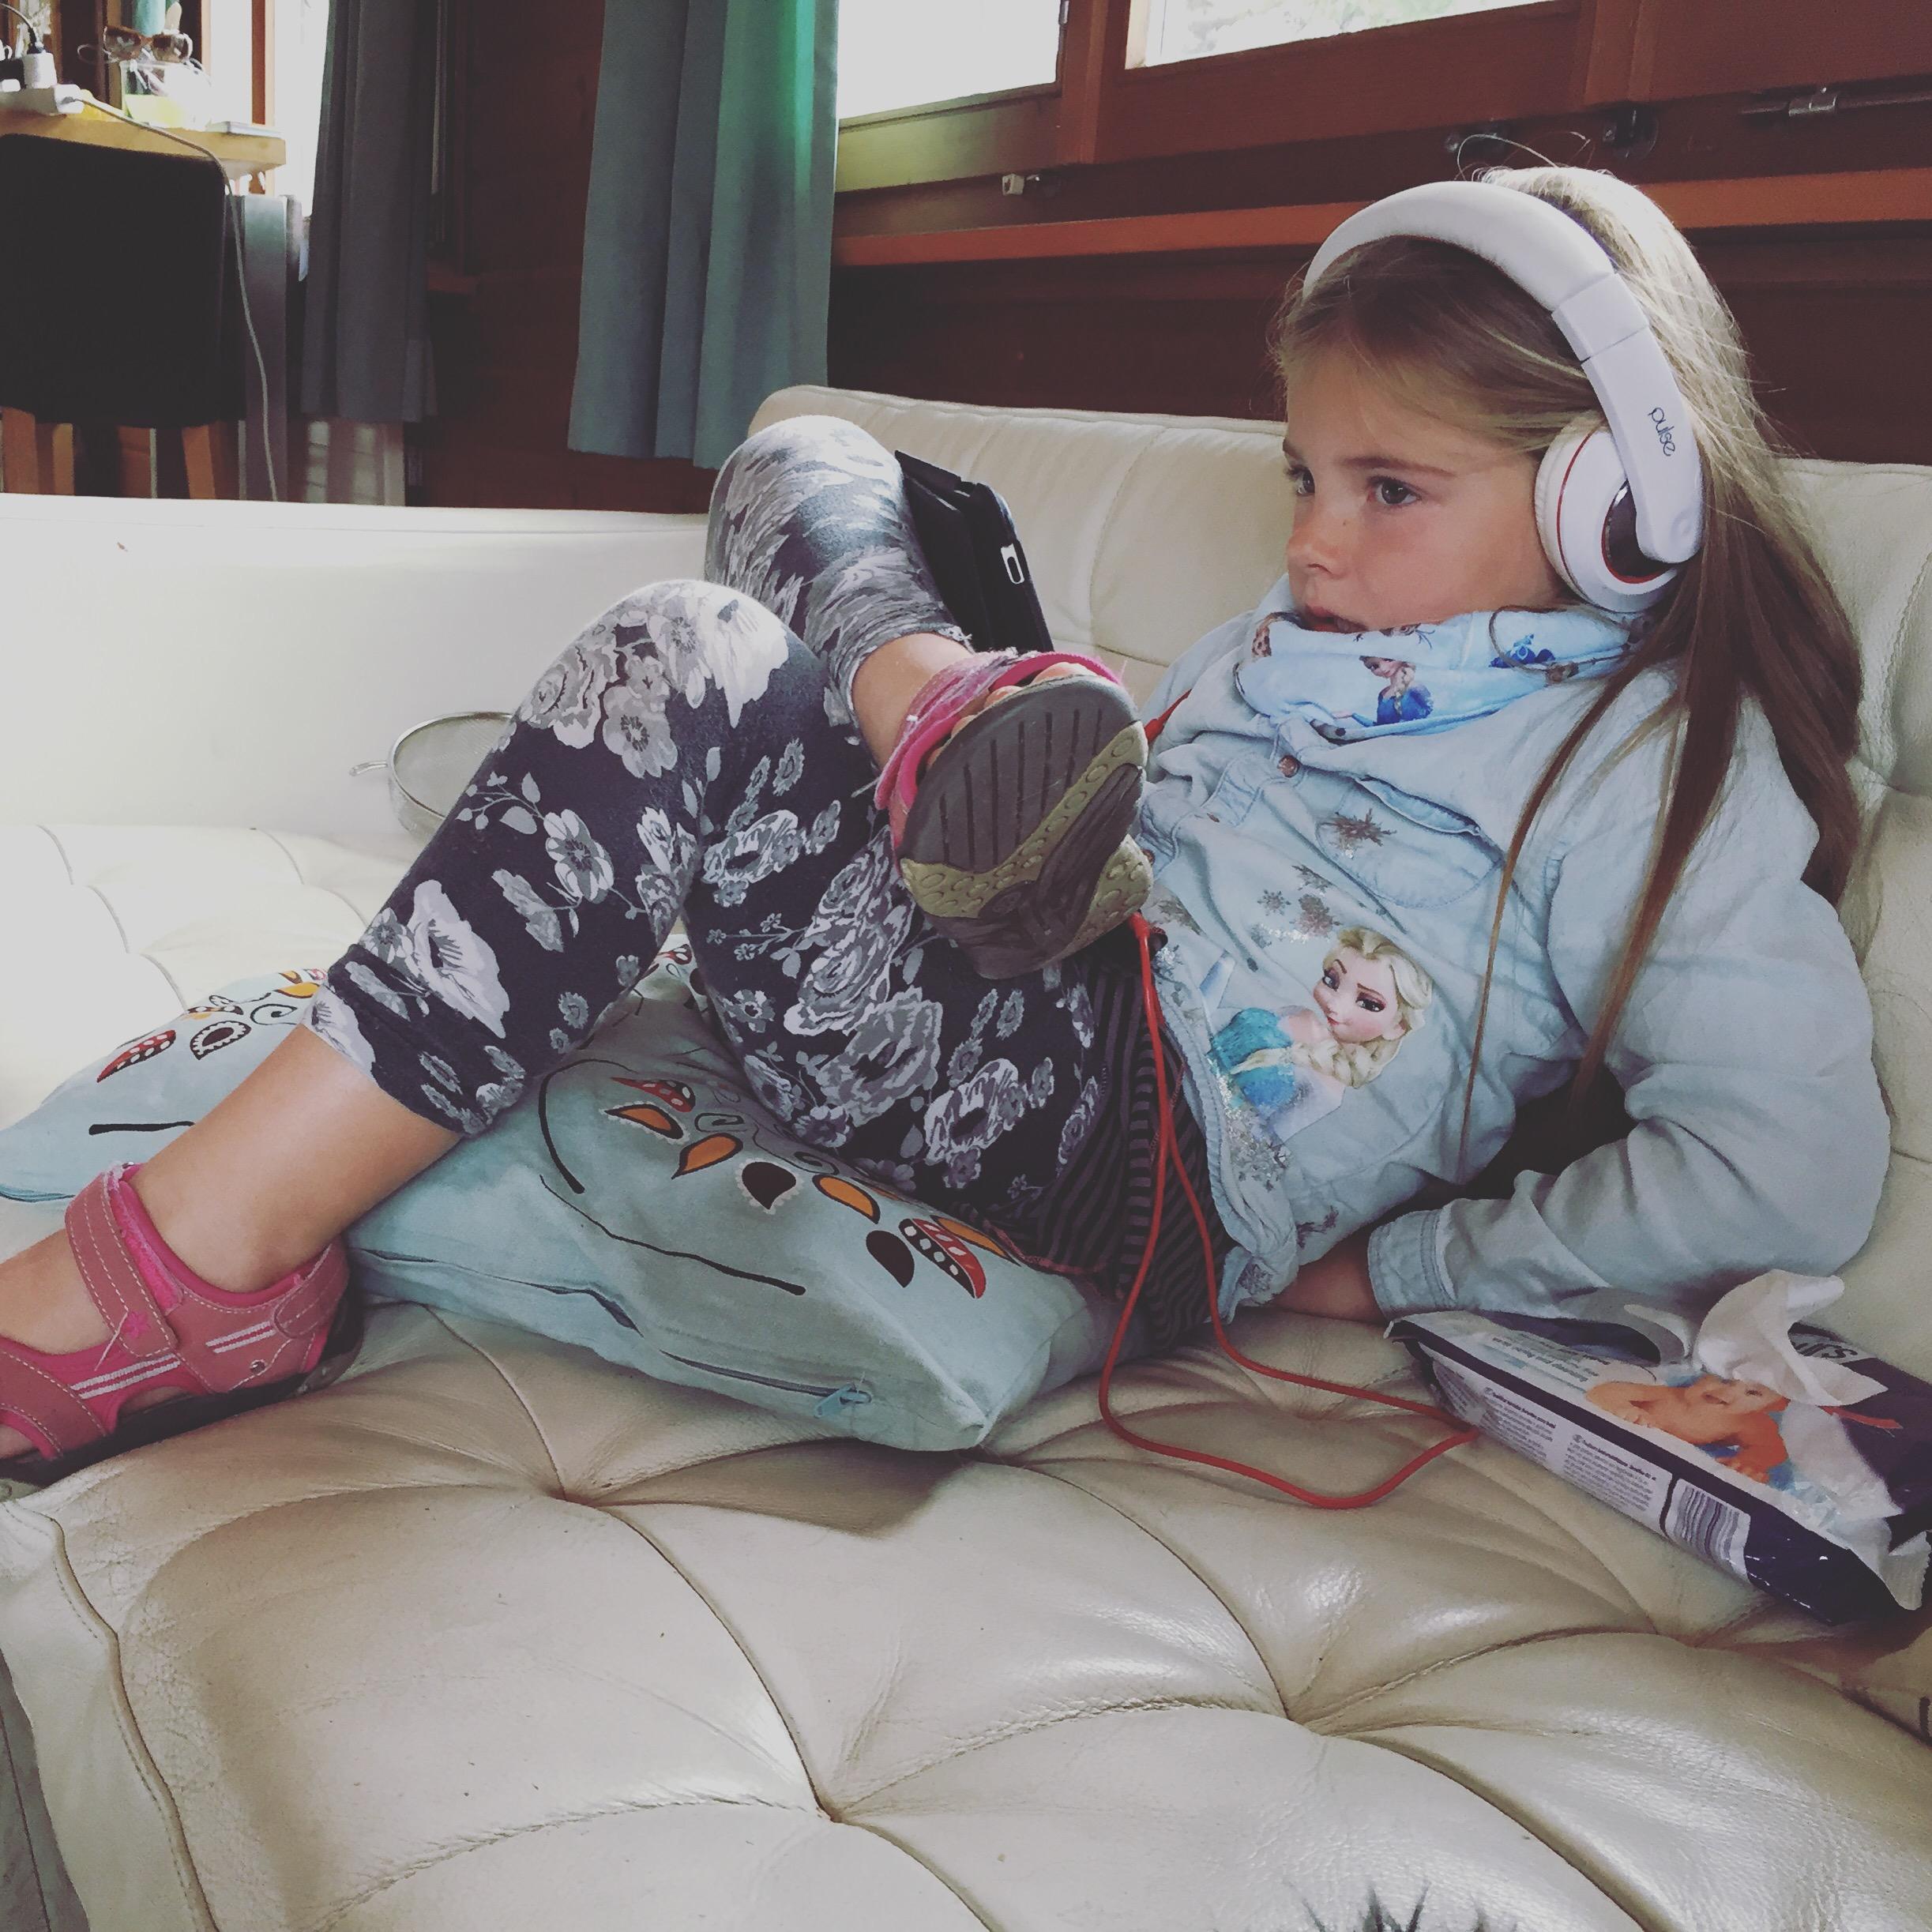 Vrijdag = hangdag = netflix en stiekem naar de tv kijken